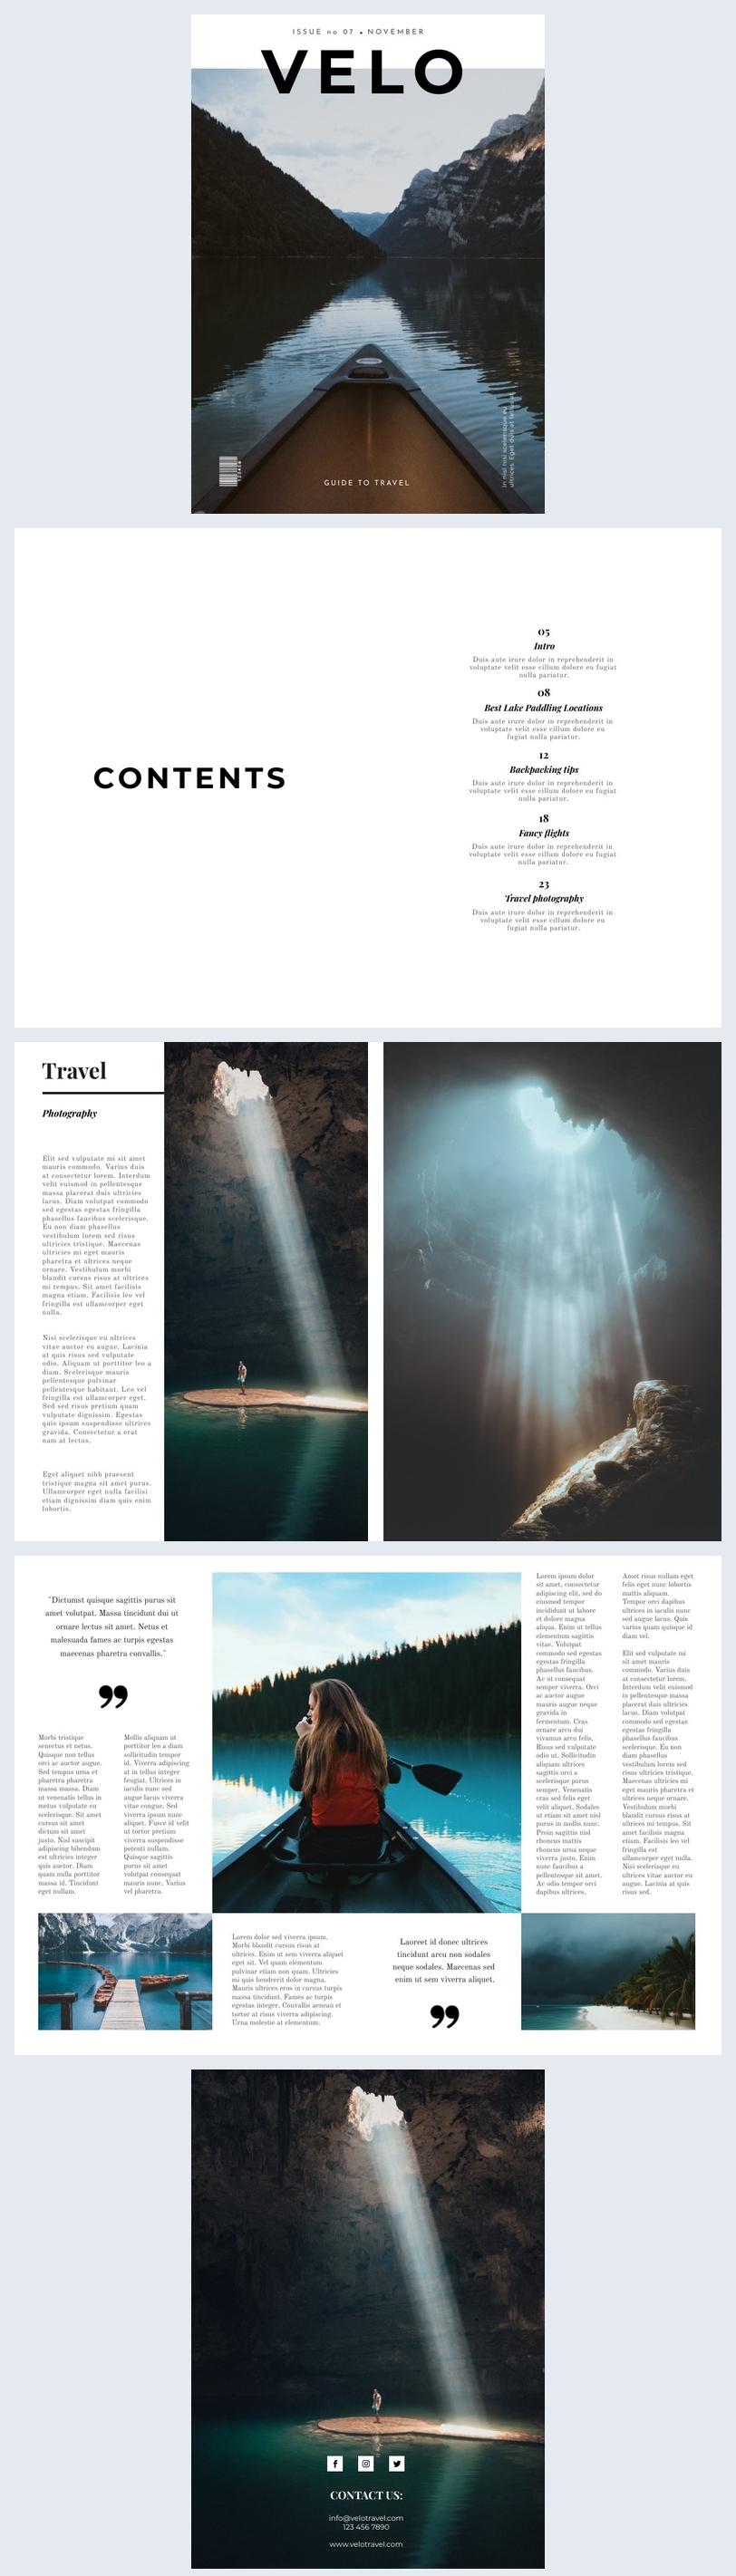 Minimalistisches Reisemagazin-Vorlagendesign